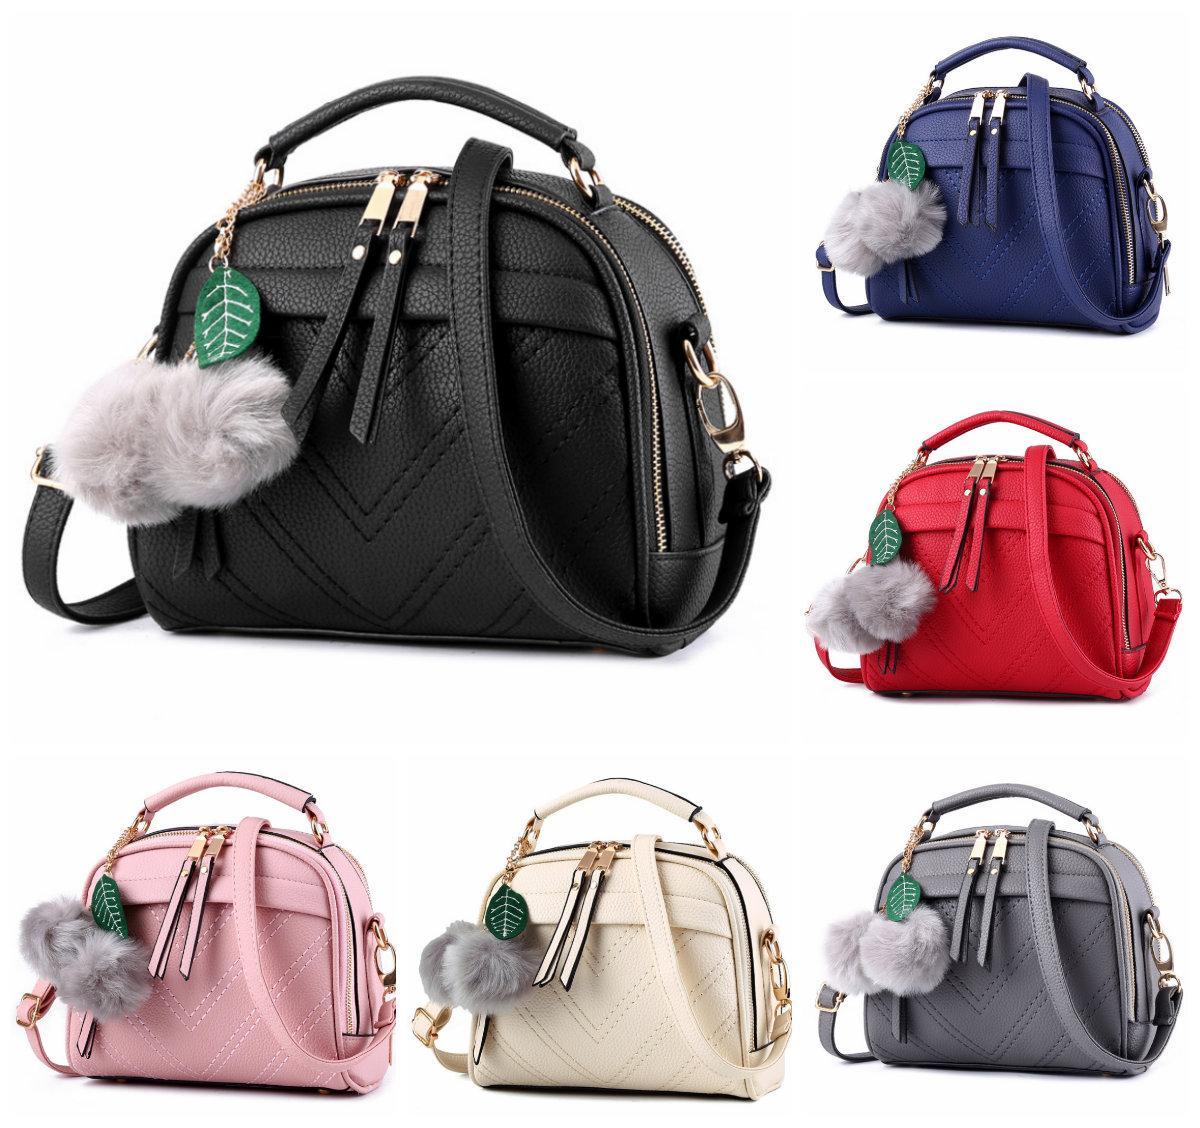 931256f96b76 Сумка женская через плечо Stylish bag с помпоном - Интернет-магазин